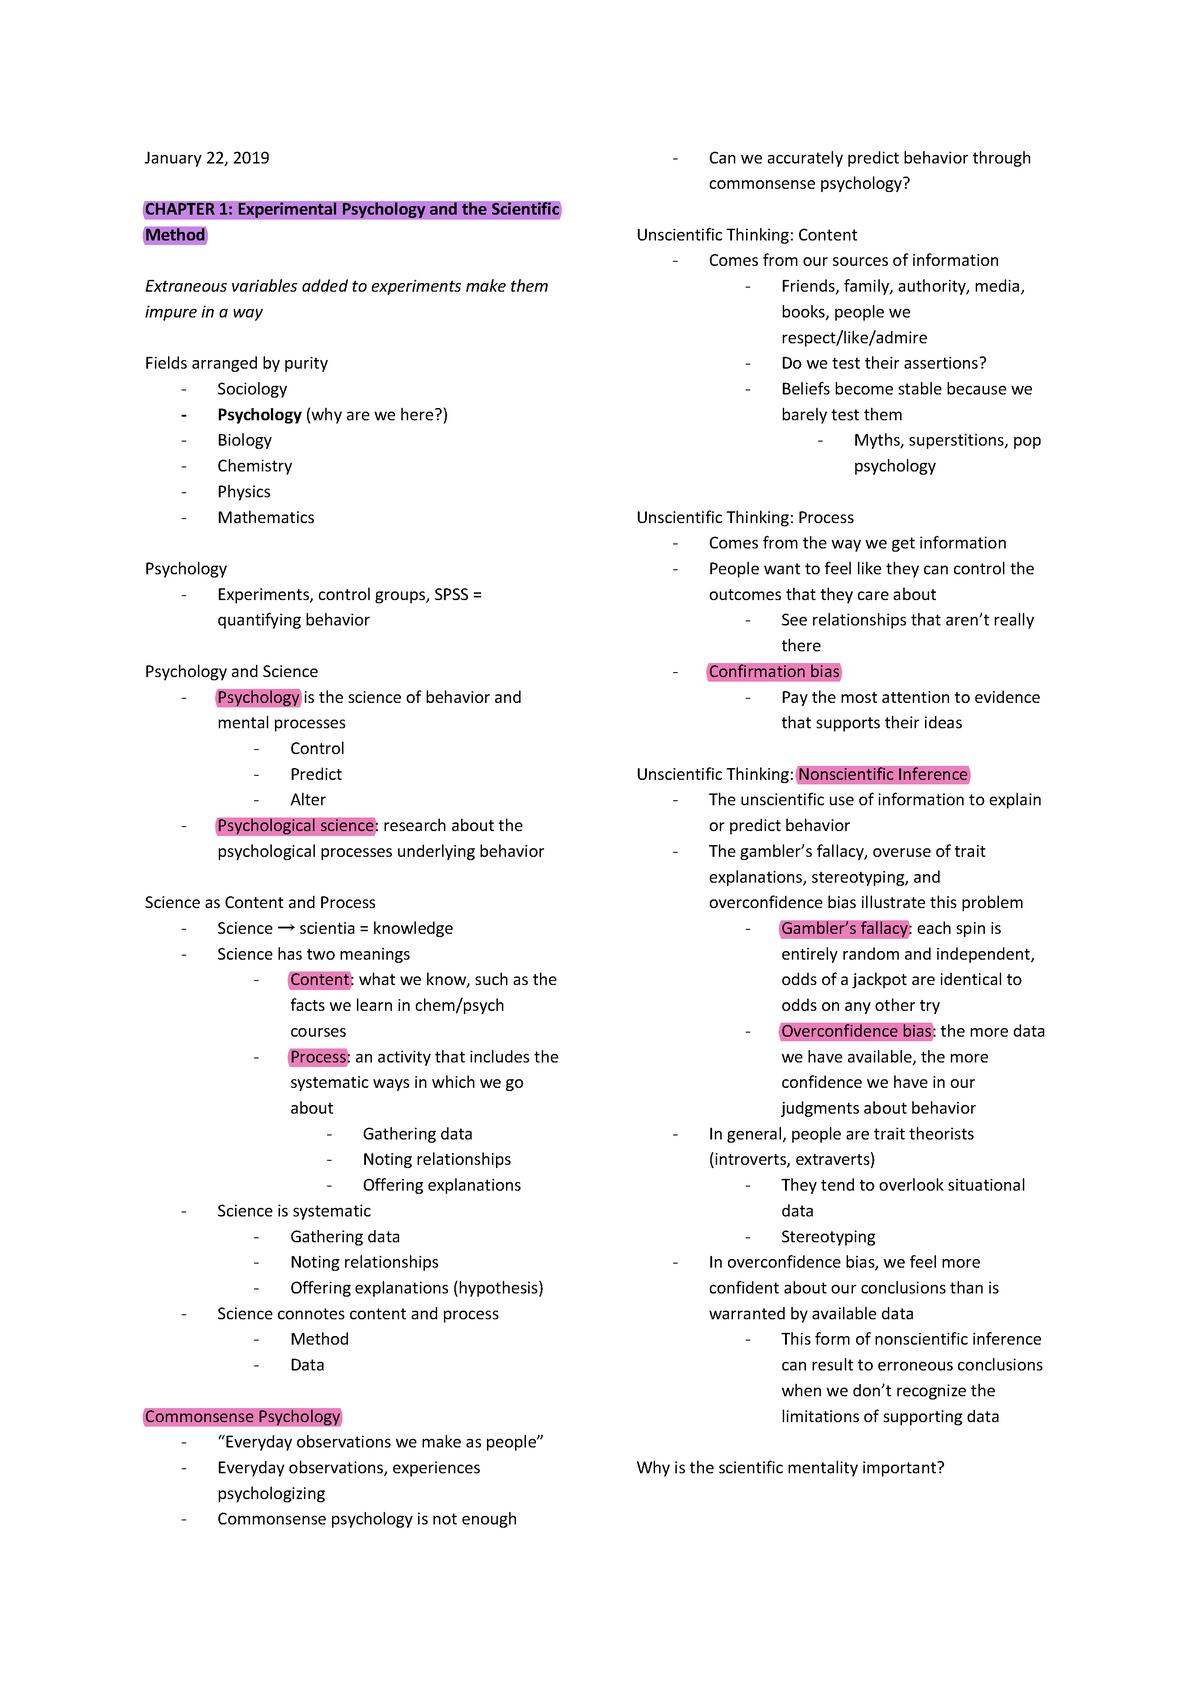 PSY 105 1 Experimental Psychology - PSY 101 - StuDocu